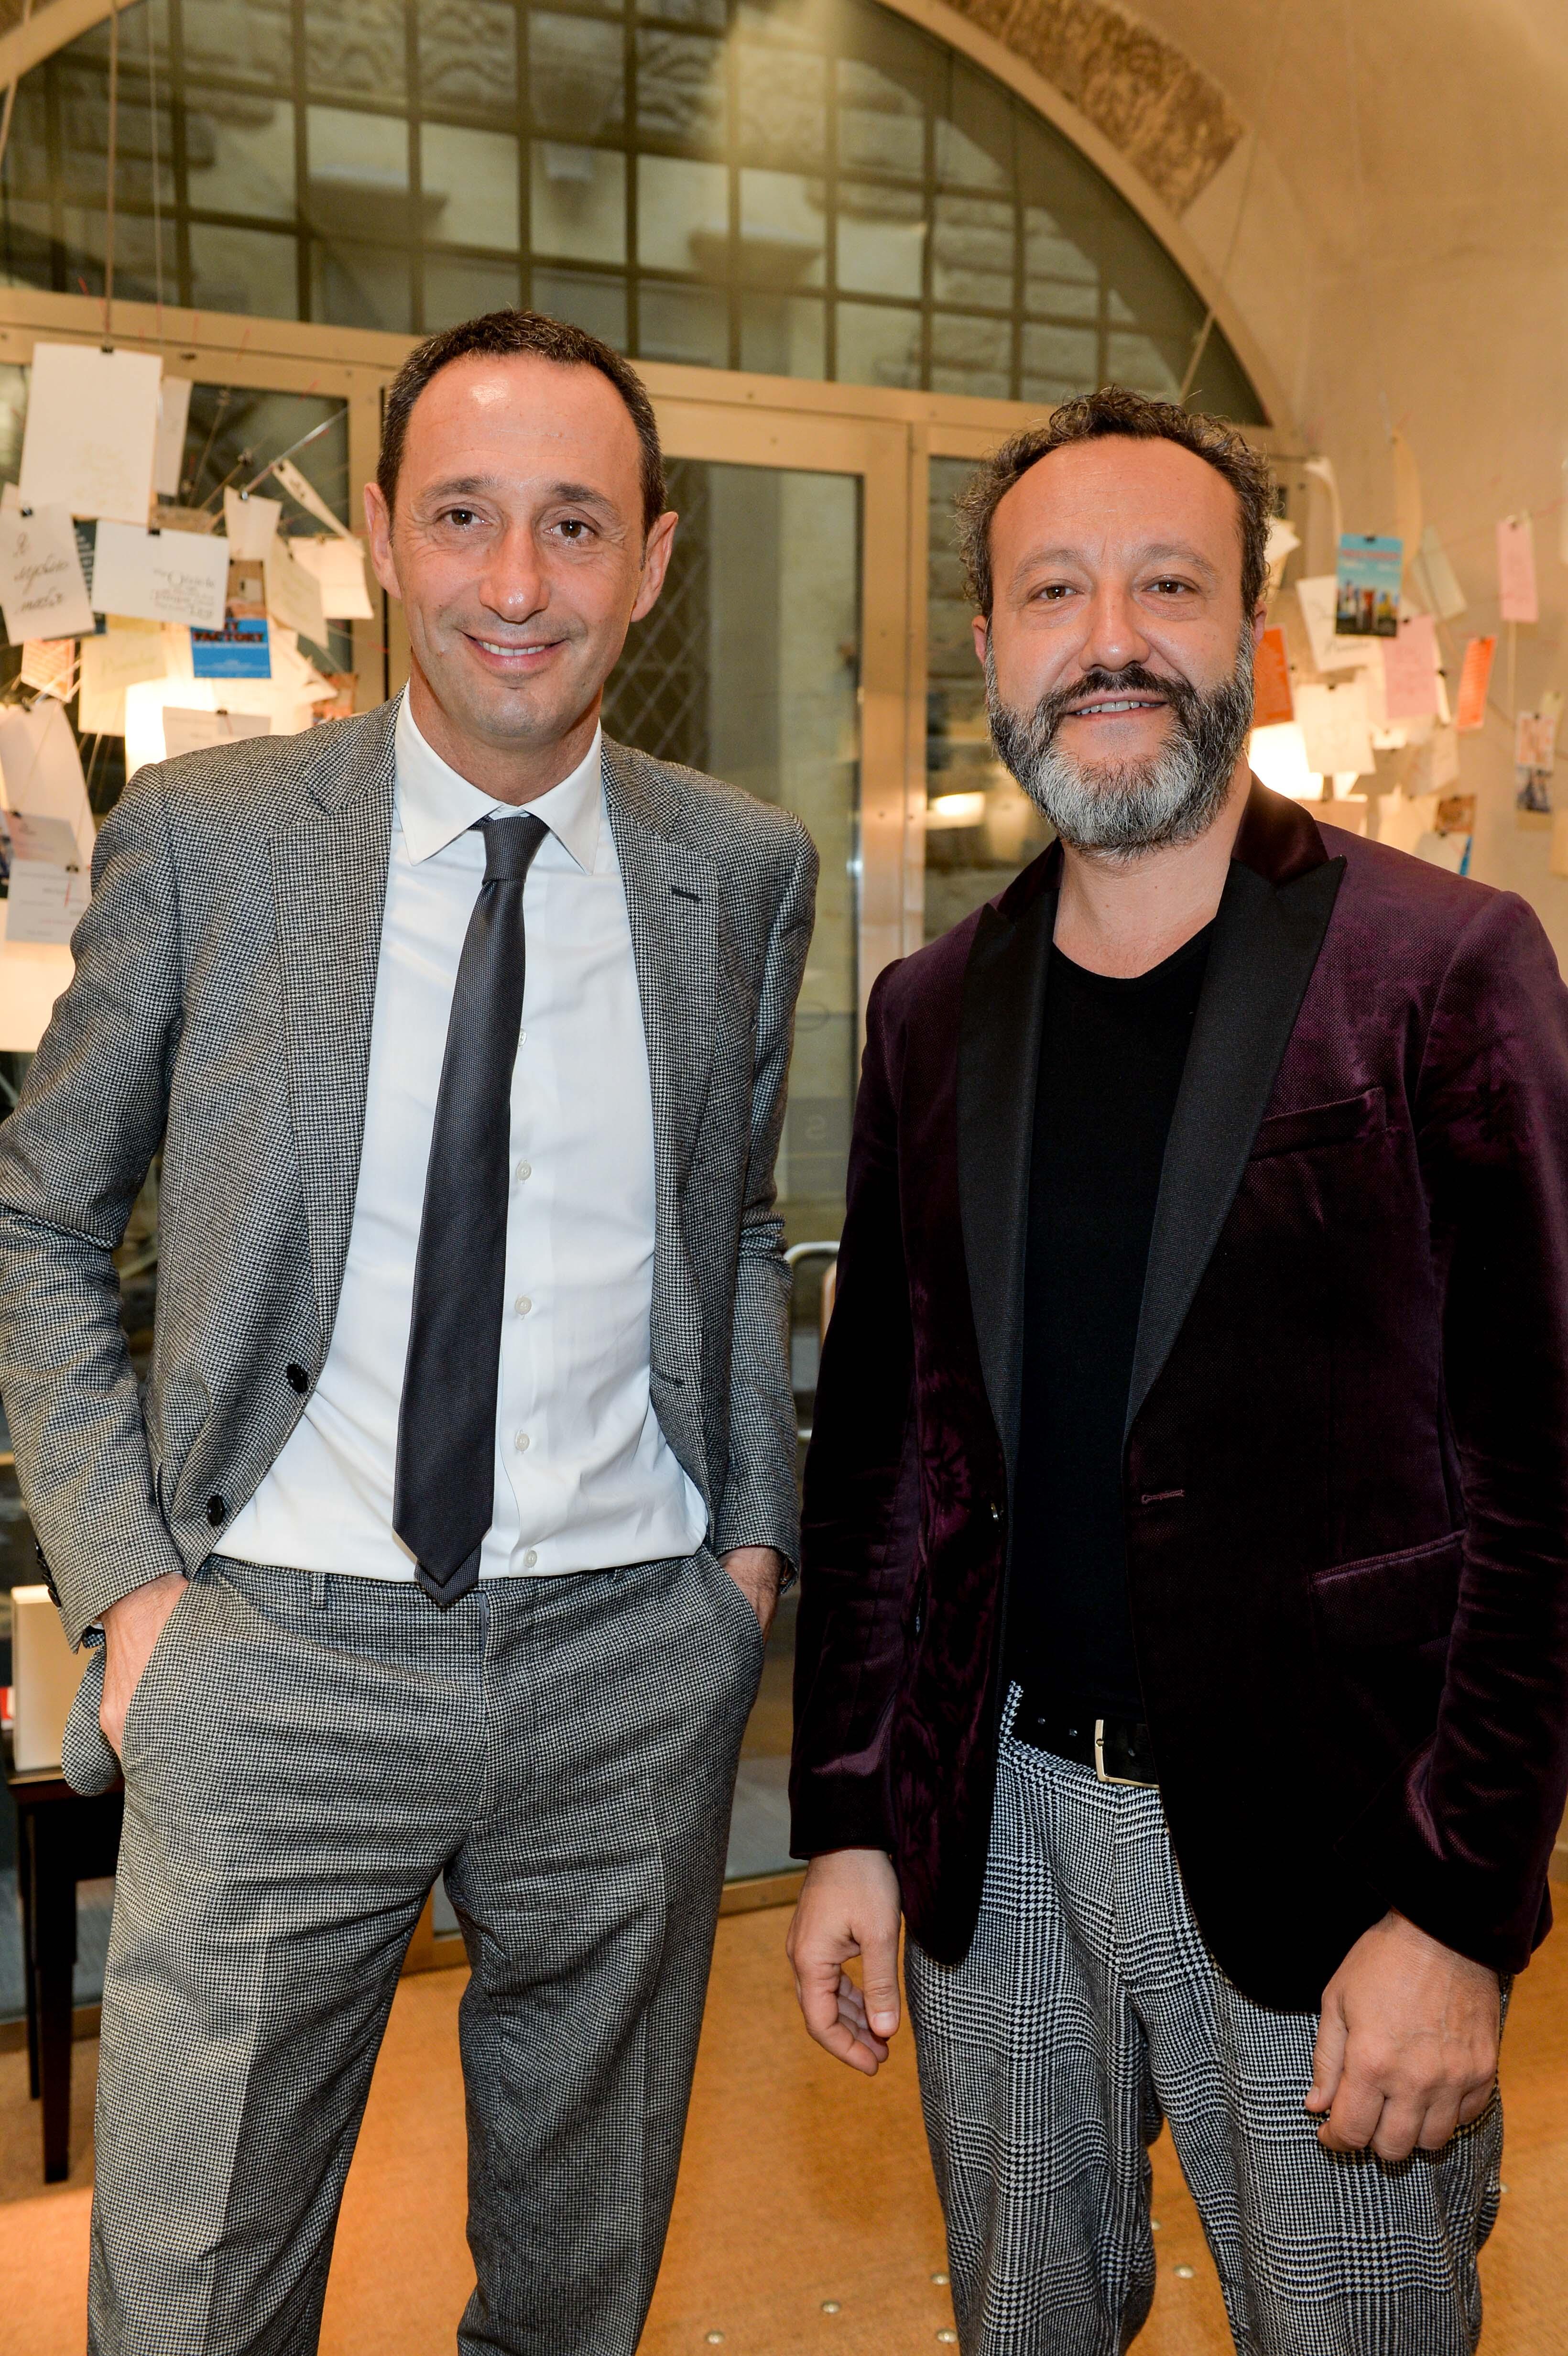 Pineider_Giuseppe Rossi e Cesare Picco